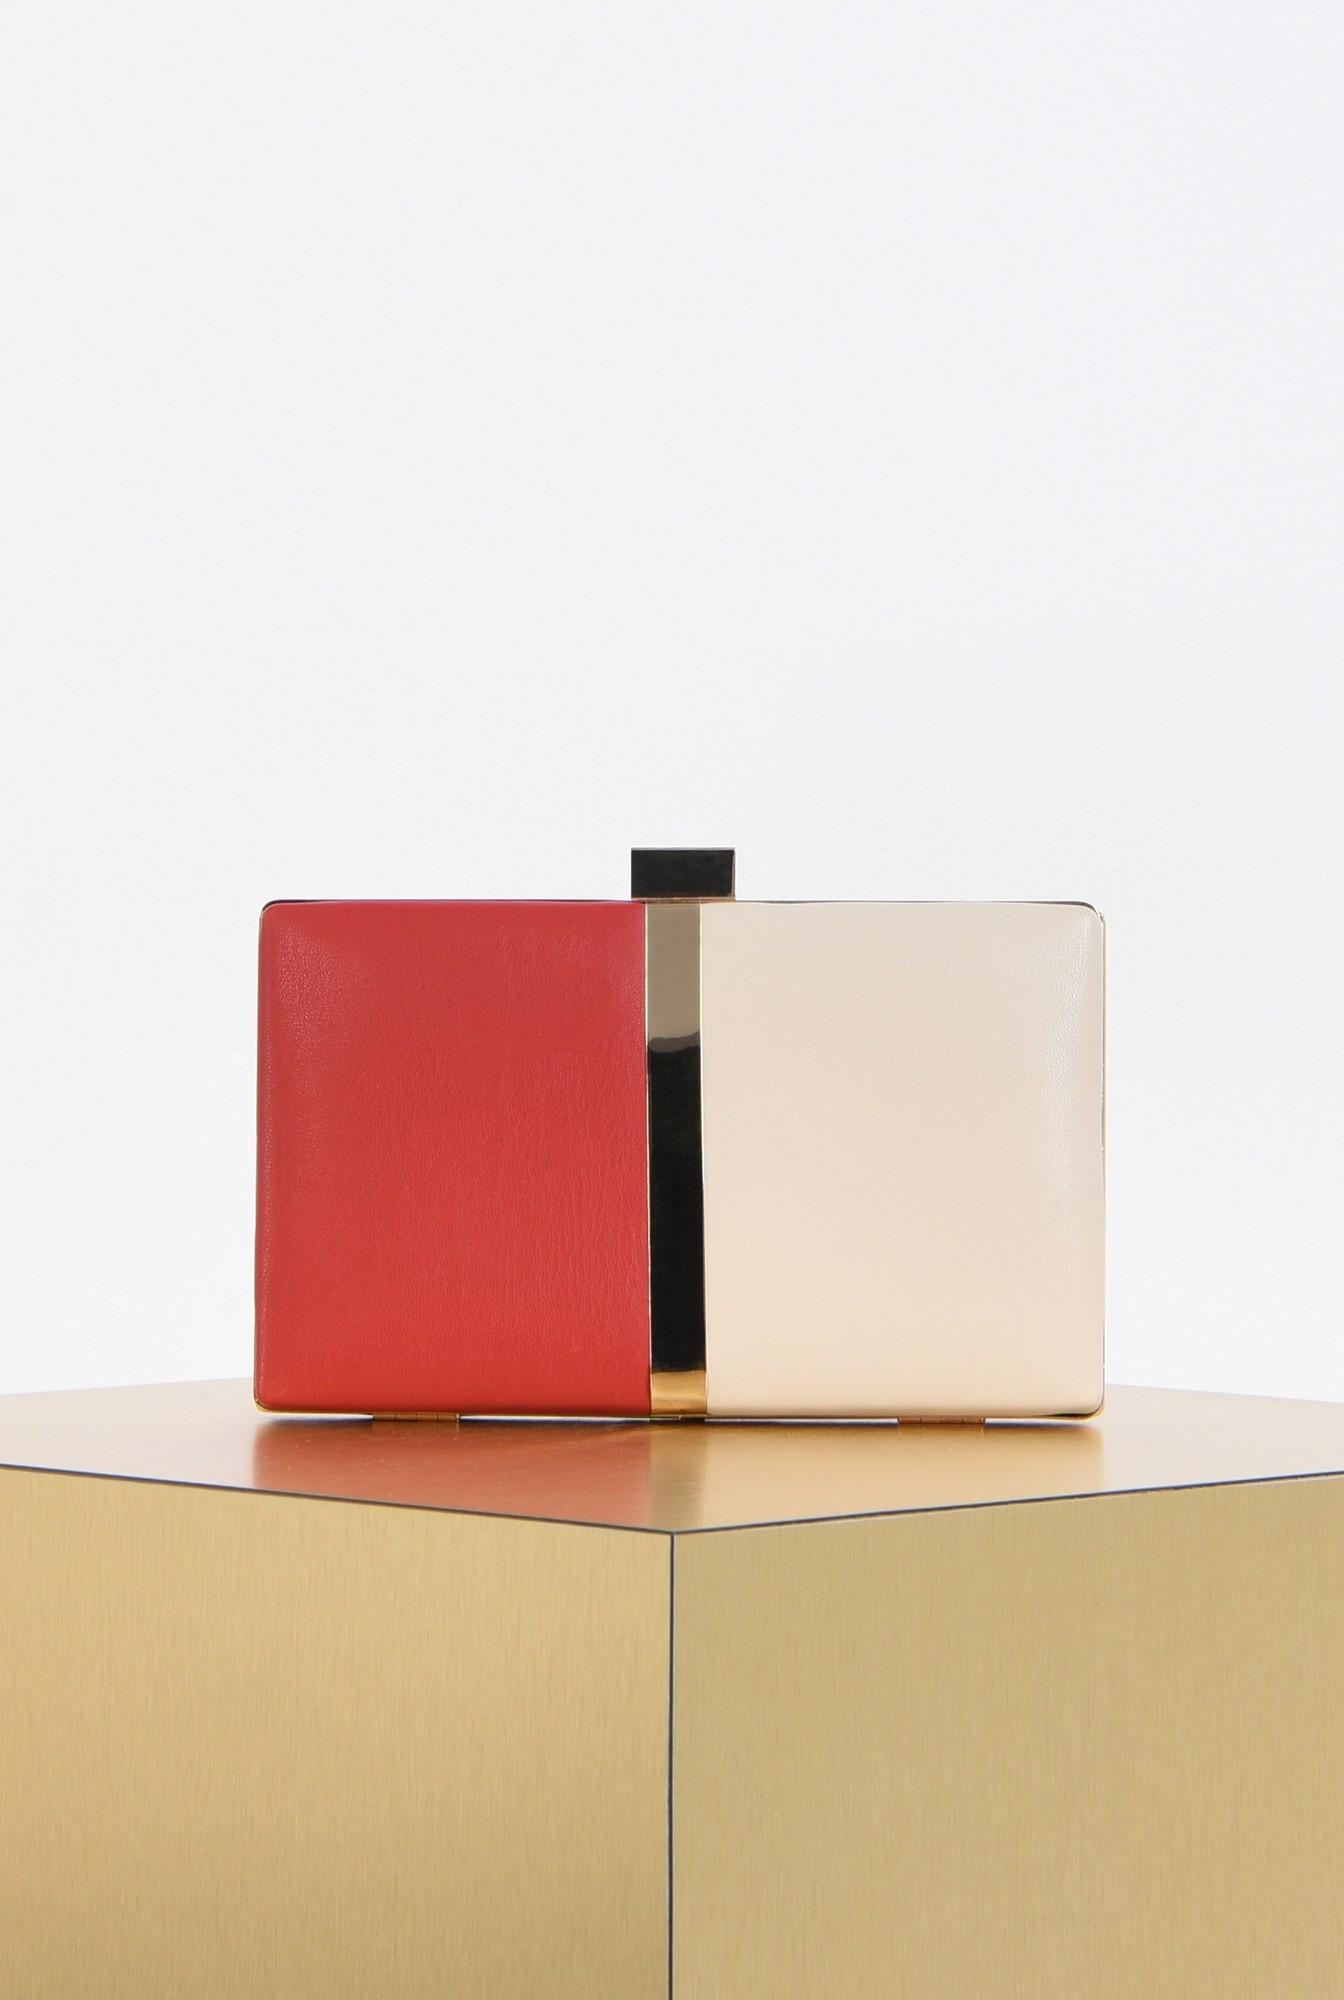 0 - plic elegant, bicolor, alb, rosu, accesorii